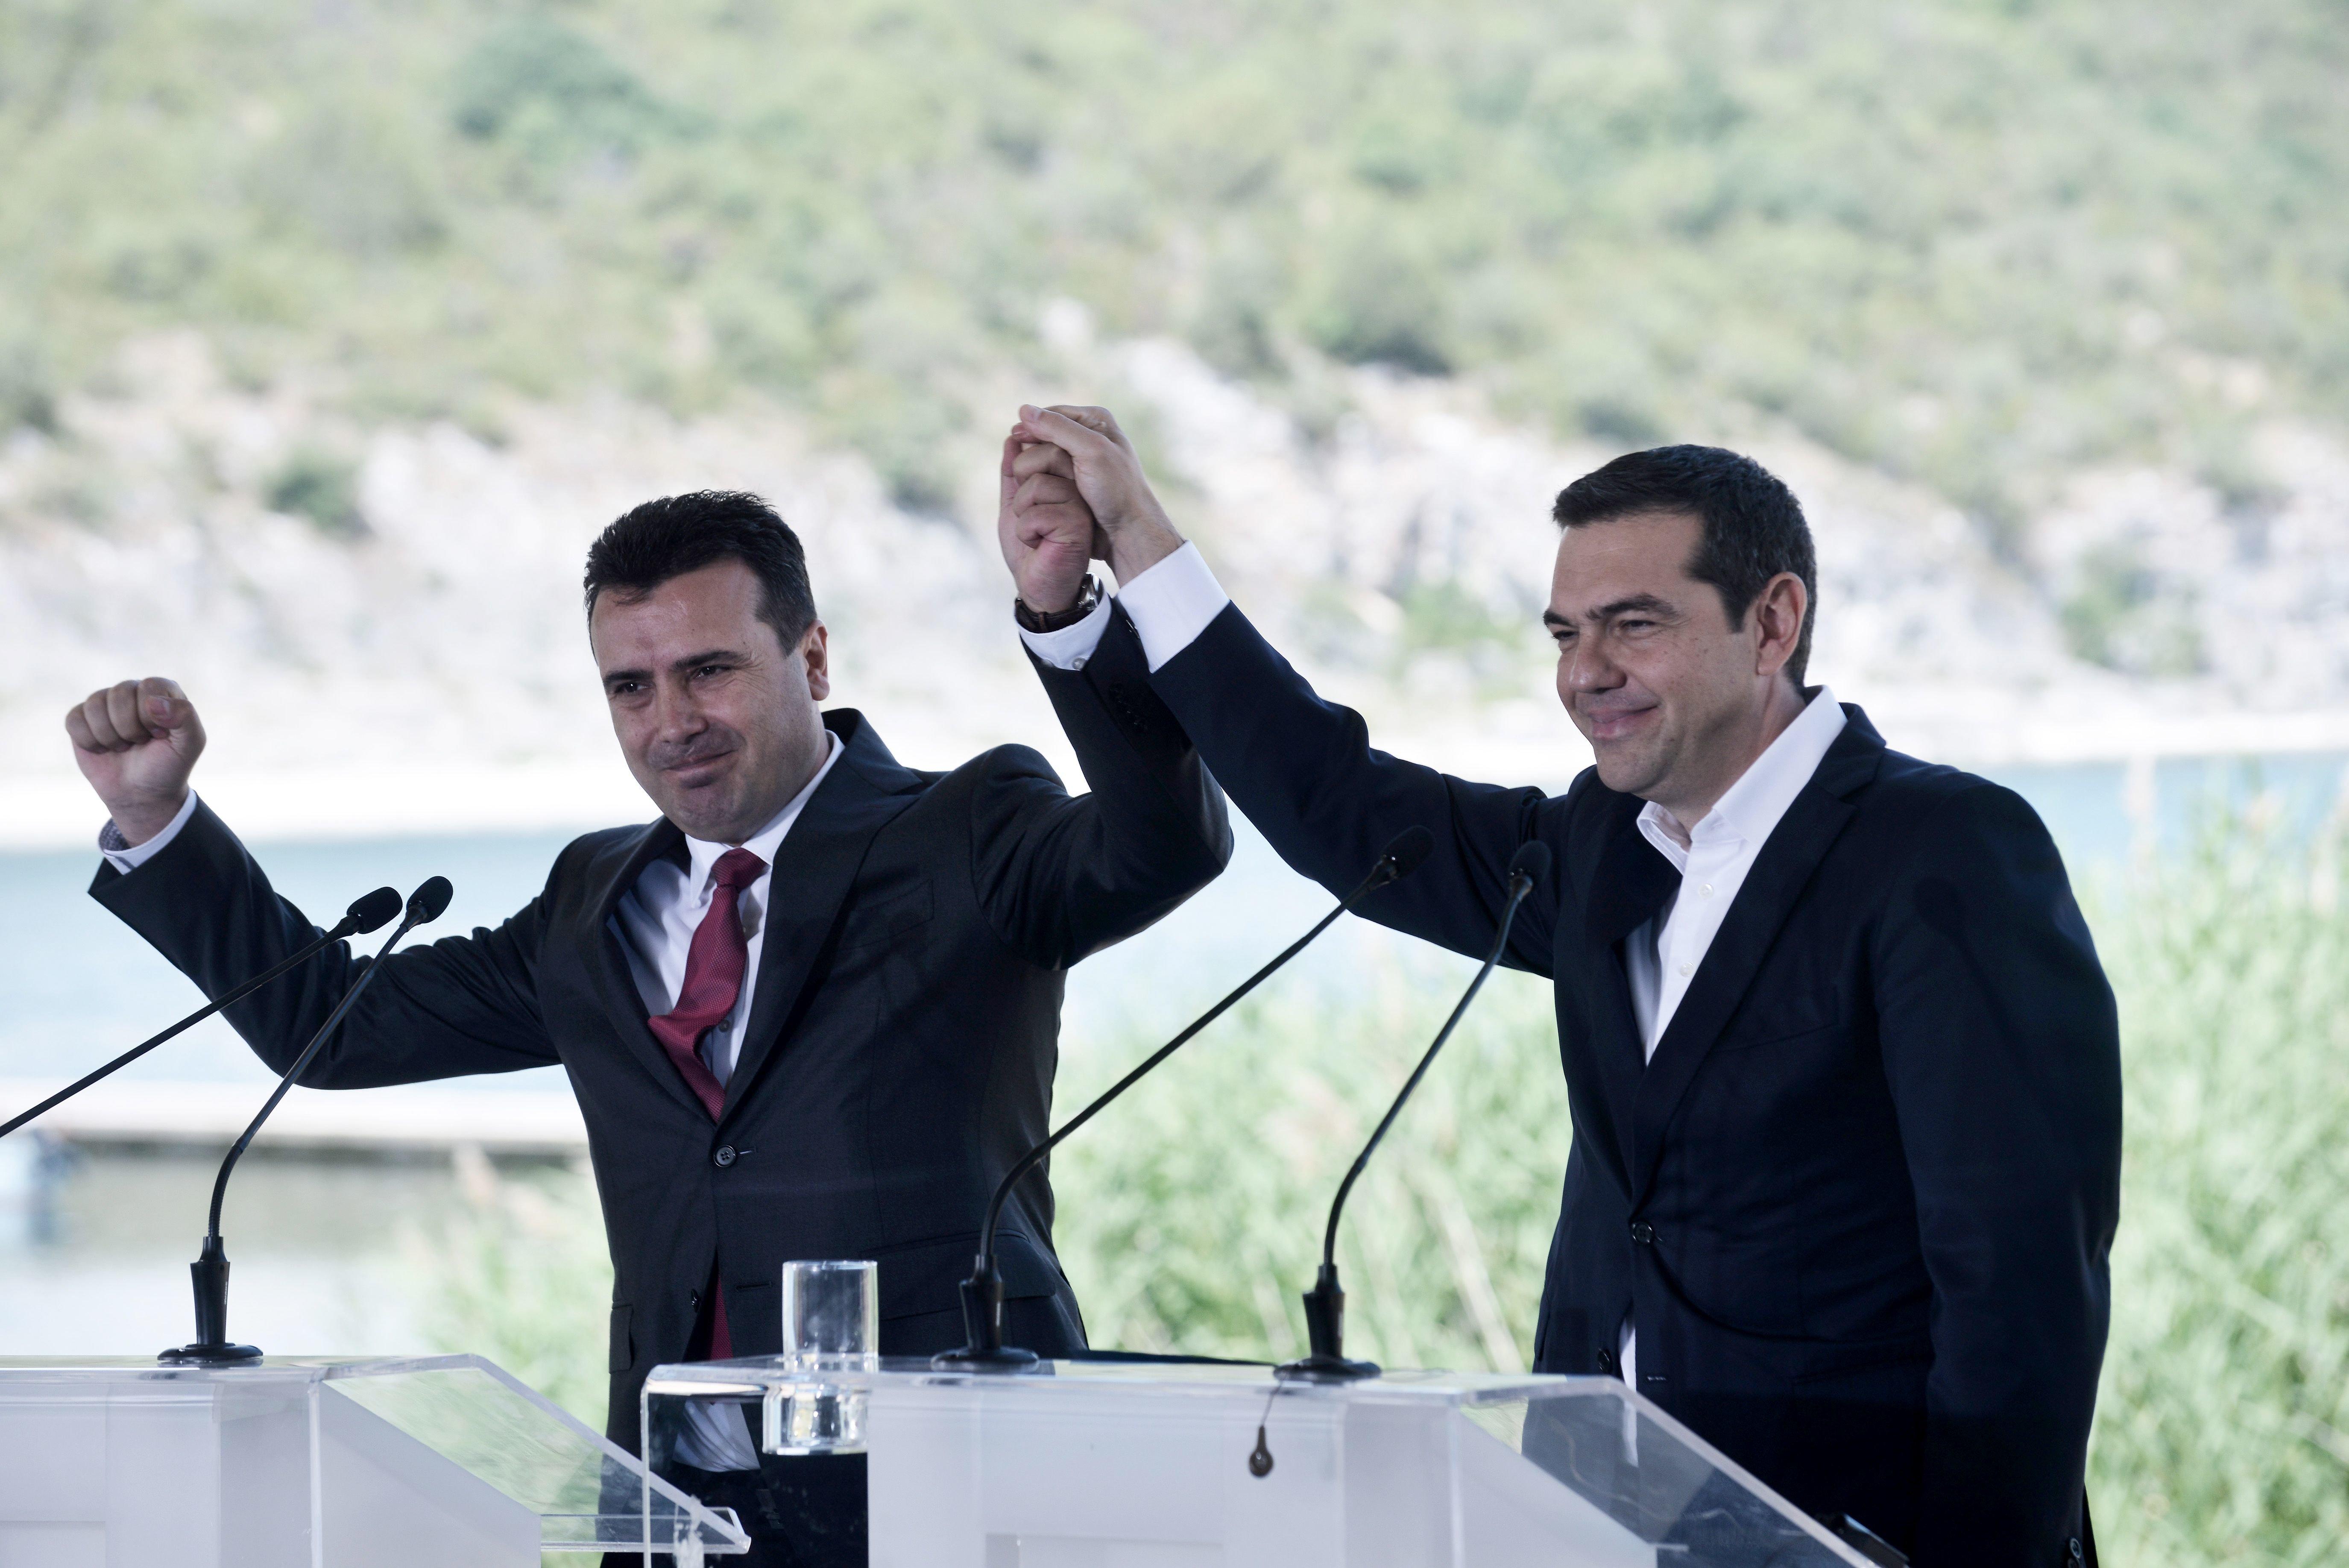 Ανάλυση Reuters: Η συμφωνία για το ονοματολογικό θα βοηθήσει την Ελλάδα στις συνομιλίες για το χρέος